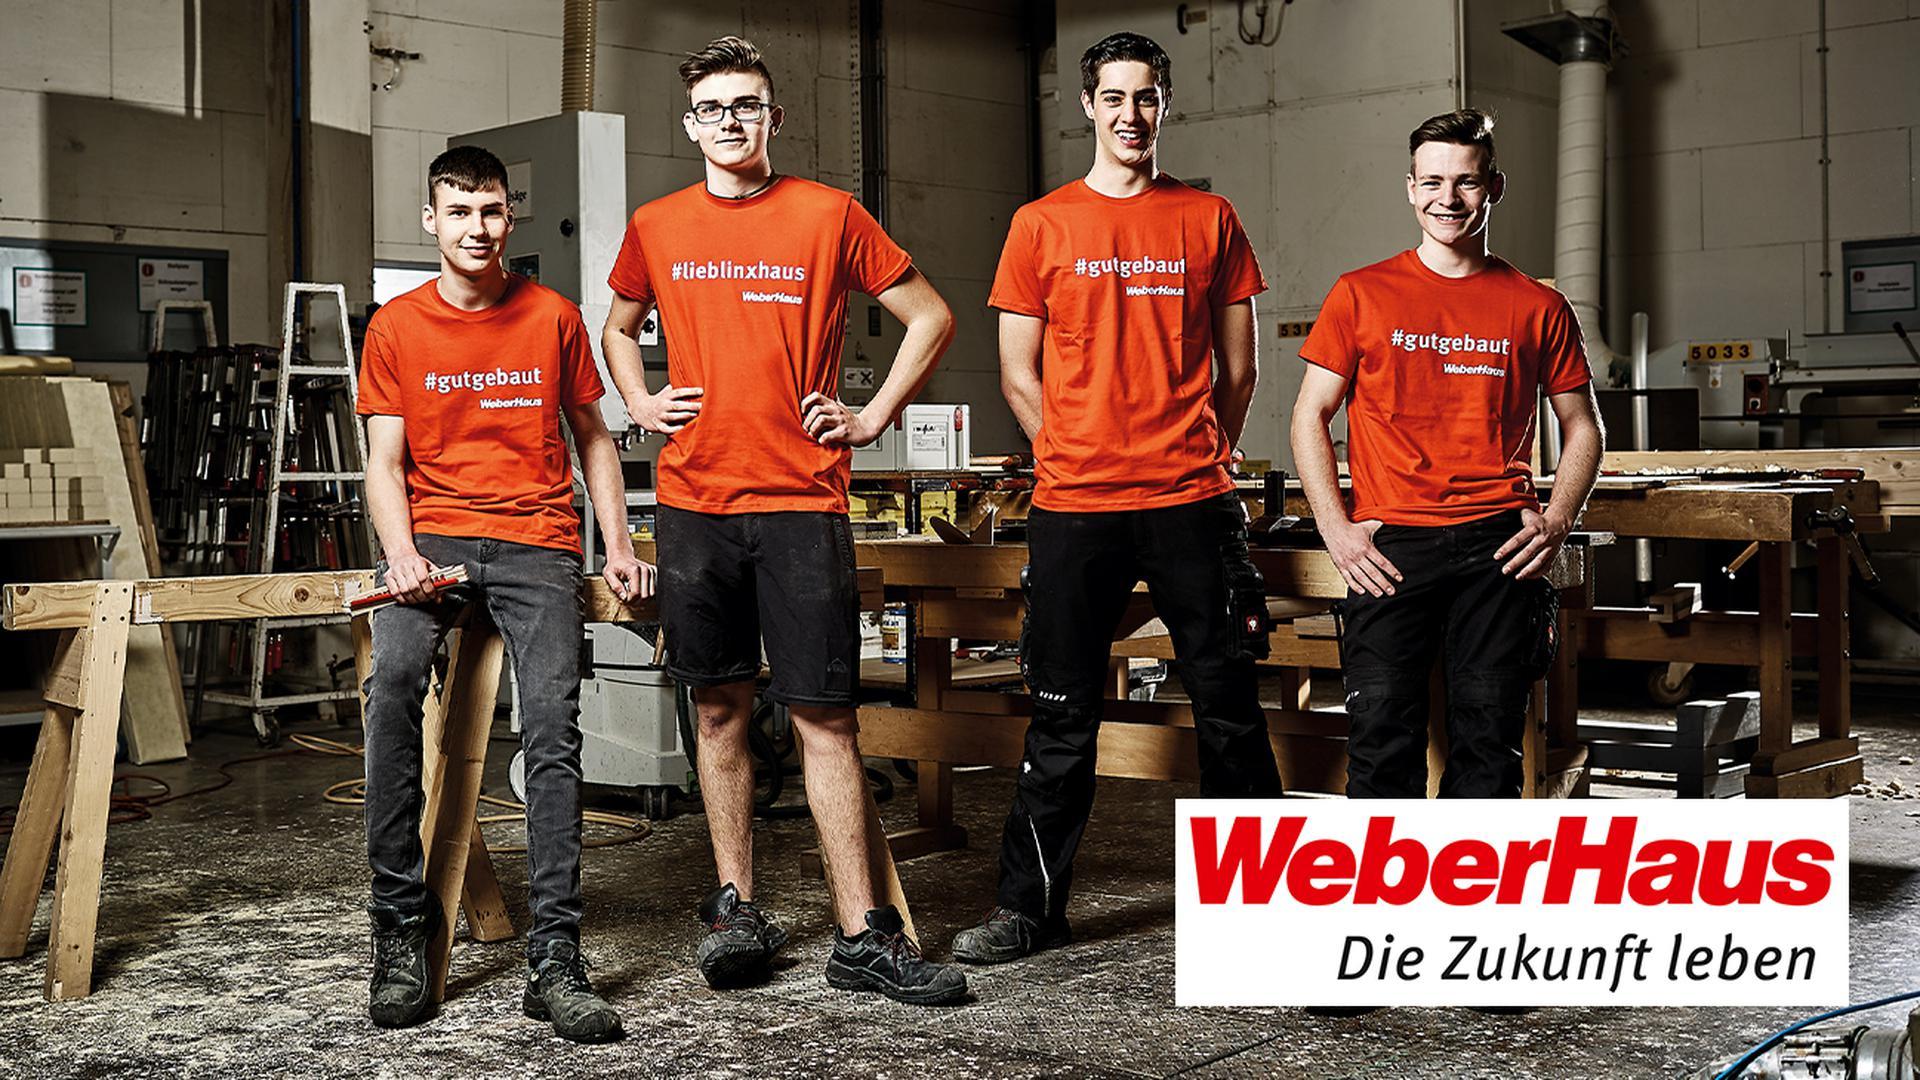 Ausbildung bei WeberHaus - jetzt bewerben!